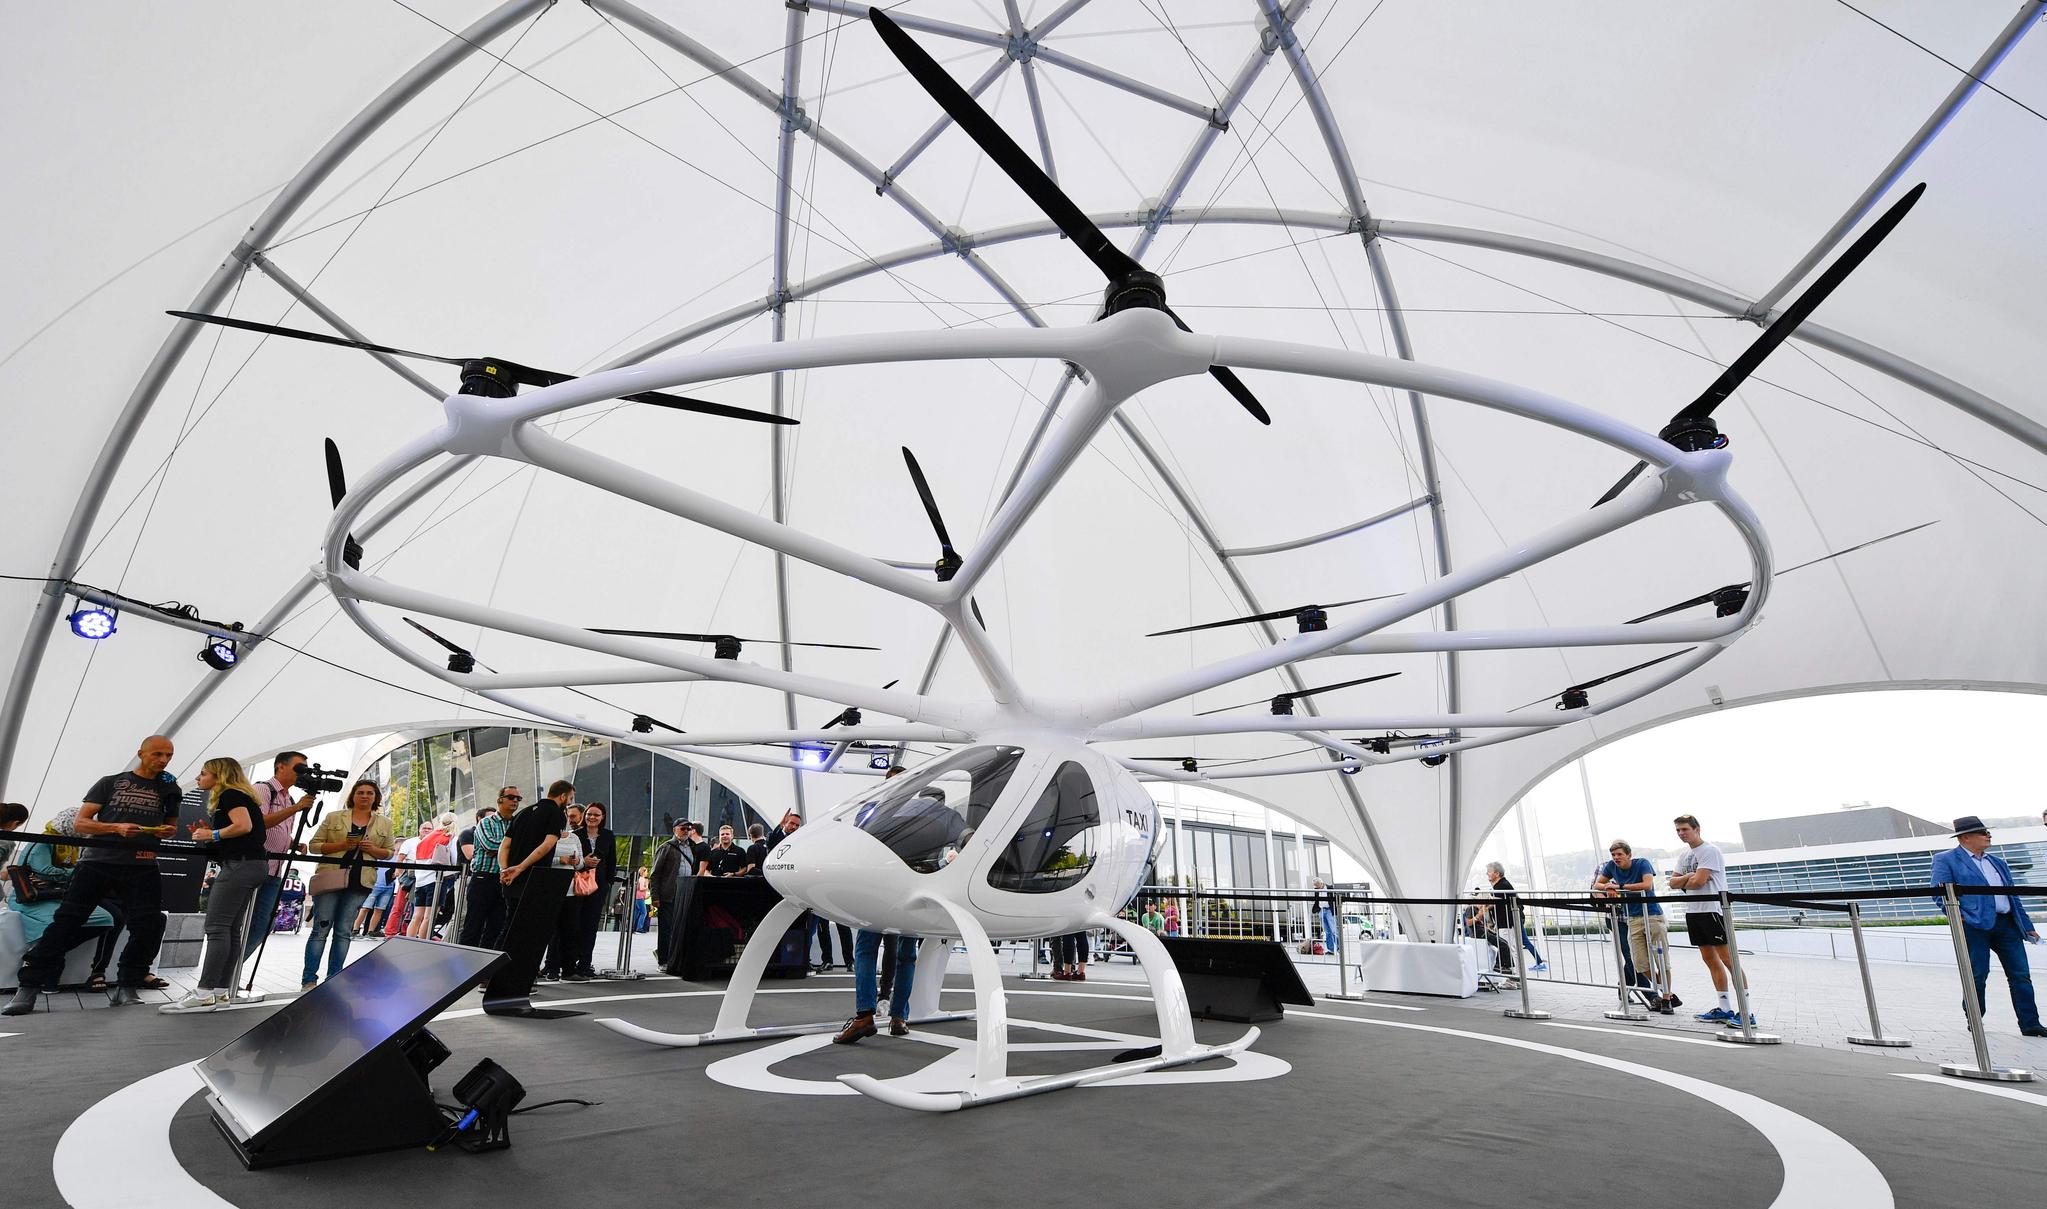 사람들이 14일(현지시간) 독일 슈투트가르트 메르세데스-벤츠 박물관에서 '볼로콥터' 항공 택시를 살펴보고 있다. [AFP=연합뉴스]